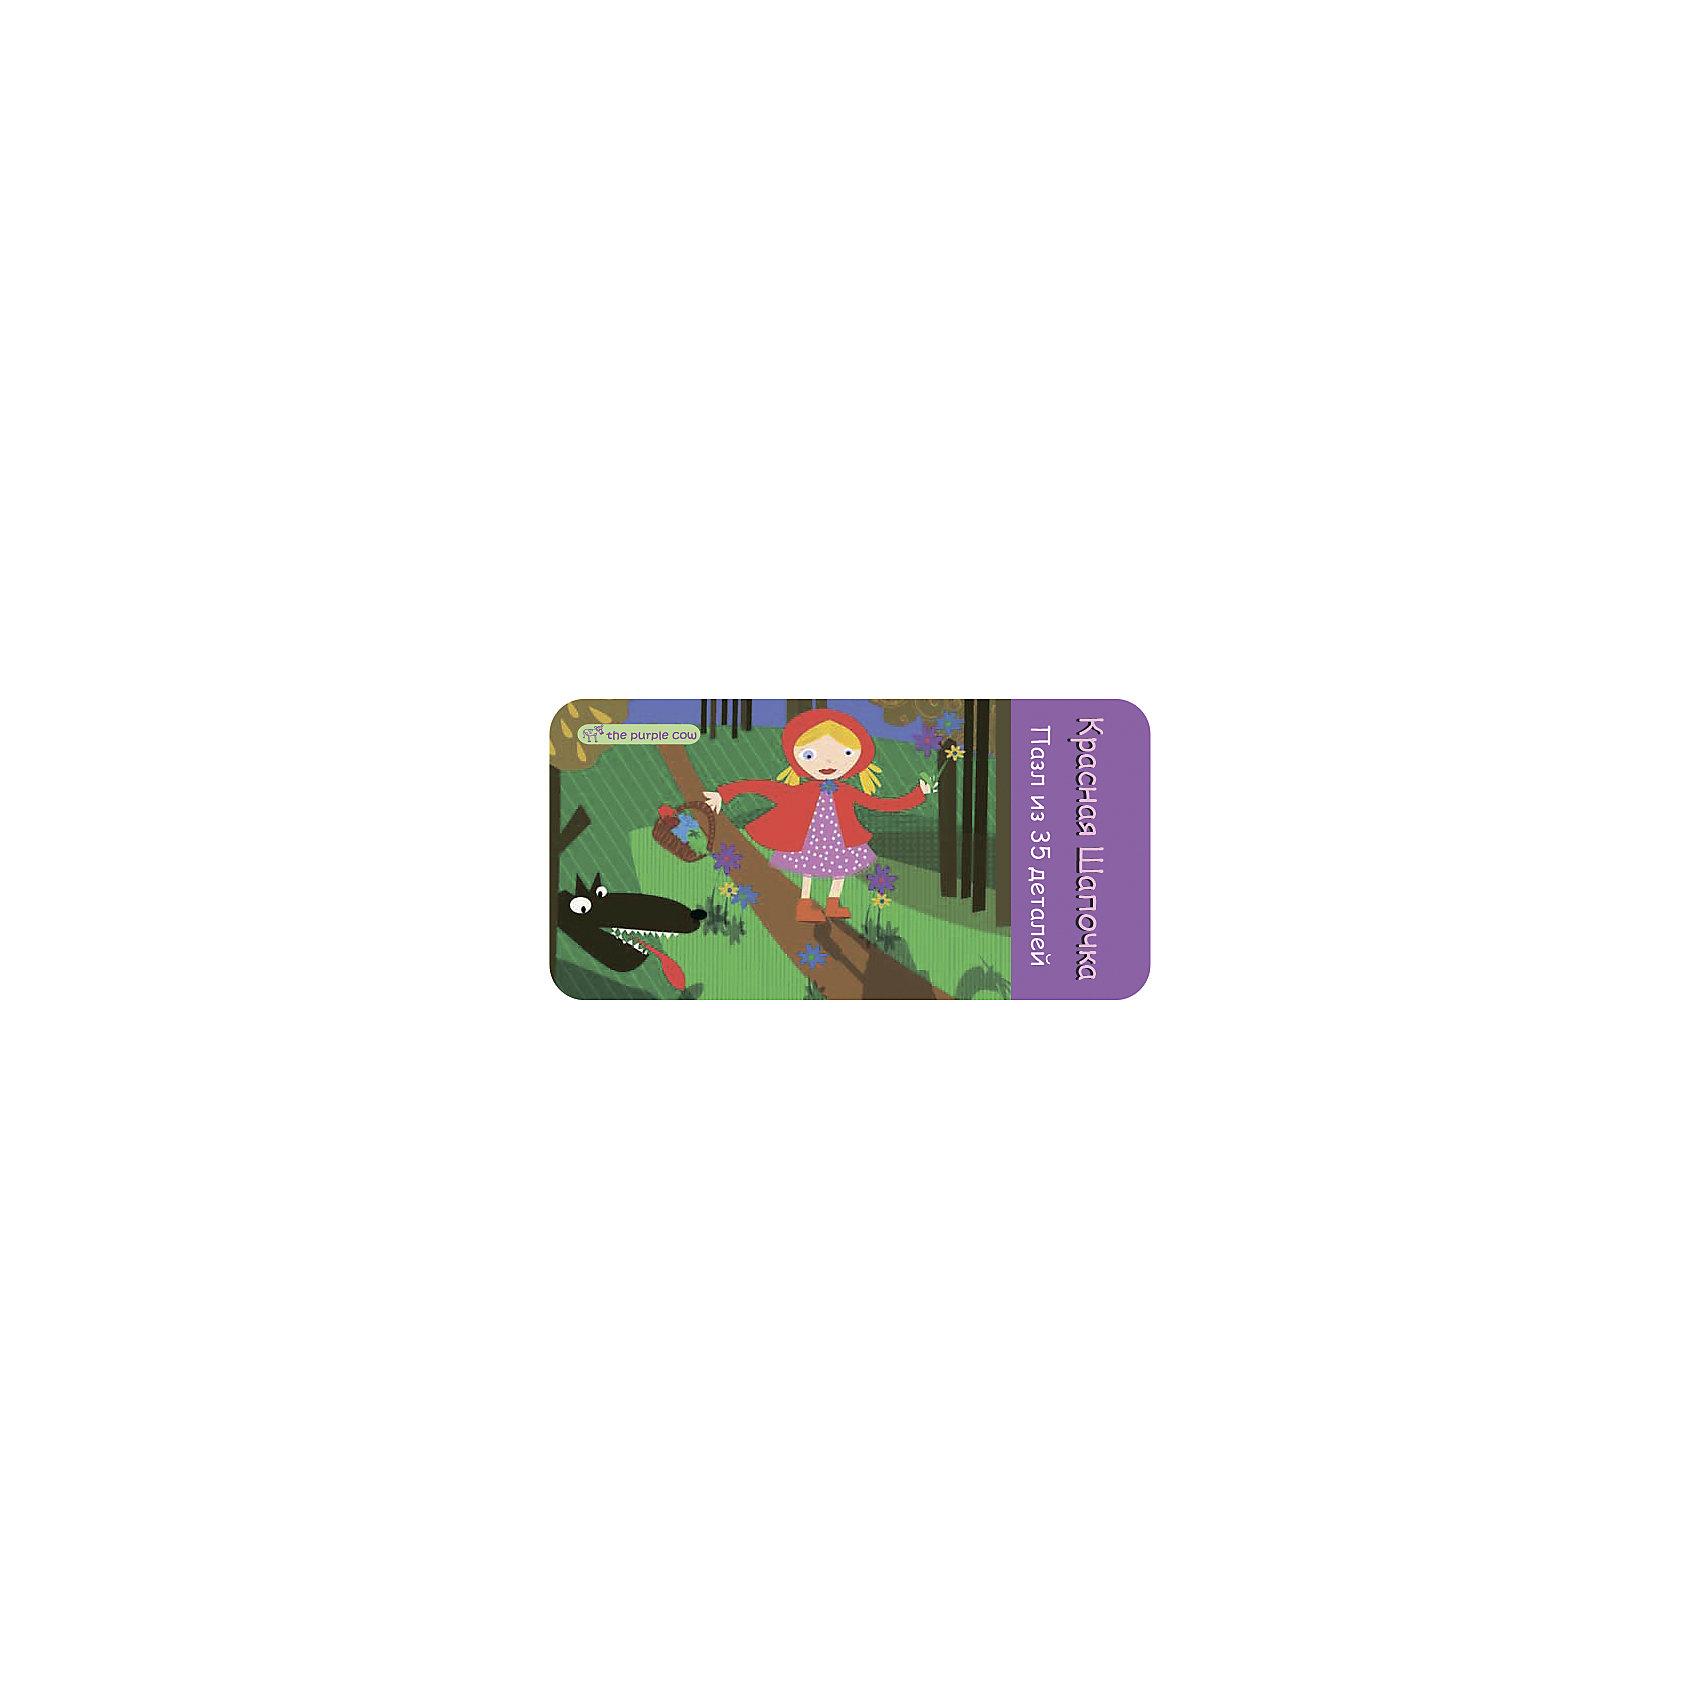 Пазл Красная шапочка, The Purple CowКоличество деталей<br>Характеристики пазлов The Purple Cow:<br><br>• авторский дизайн австралийской художницы Инны Семадар;<br>• серия Fairy Tale Puzzle;<br>• количество элементов: 35 шт.;<br>• крупные карточки, размер деталей 5х5 см;<br>• материал: плотный ламинированный картон;<br>• размер картинки в собранном виде: 32х22 см;<br>• размер упаковки: 15х7,5х4 см;<br>• вес упаковки: 170 г;<br>• упаковка: металлическая коробочка.<br><br>Пазл Красная шапочка, The Purple Cow можно купить в нашем интернет-магазине.<br><br>Ширина мм: 15<br>Глубина мм: 4<br>Высота мм: 8<br>Вес г: 166<br>Возраст от месяцев: 36<br>Возраст до месяцев: 2147483647<br>Пол: Унисекс<br>Возраст: Детский<br>SKU: 5007051